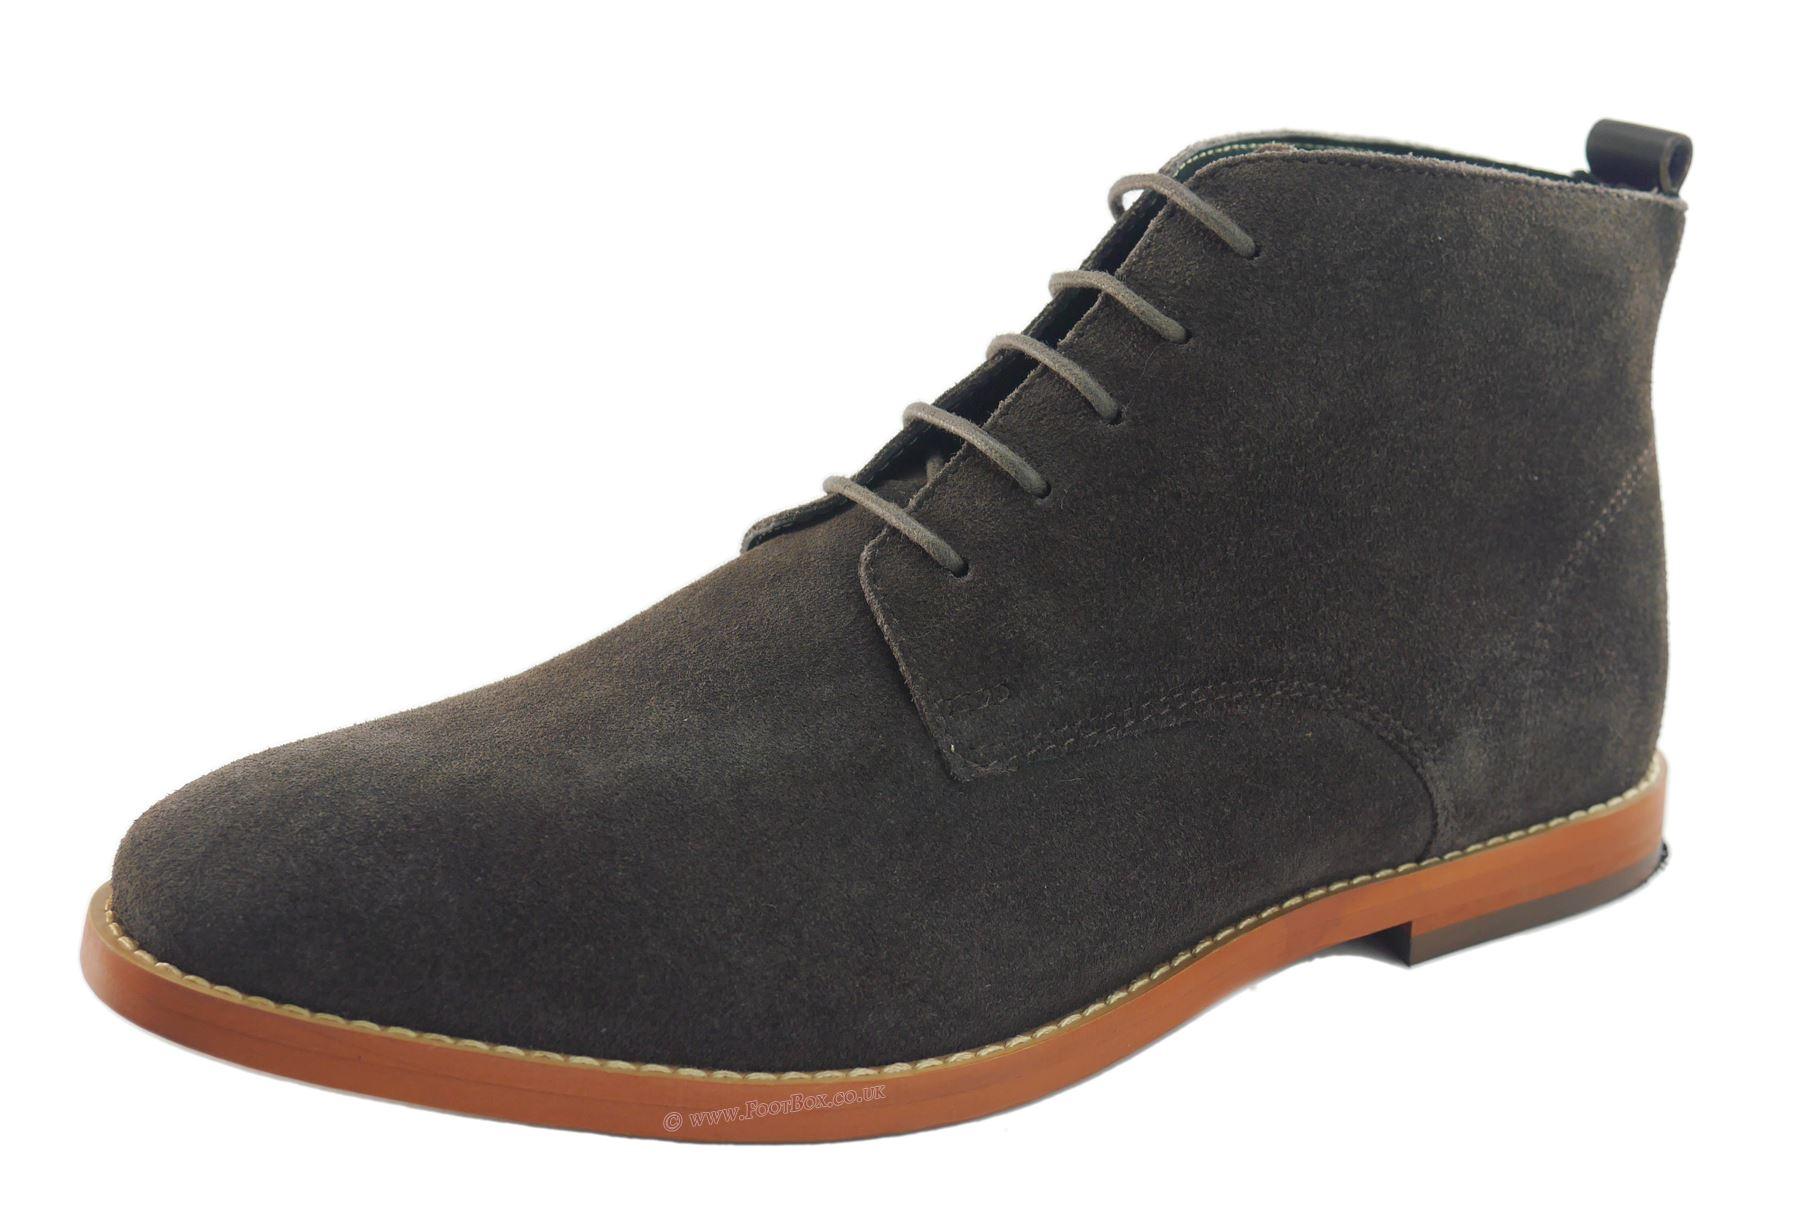 Mens Fashion Desert Boots